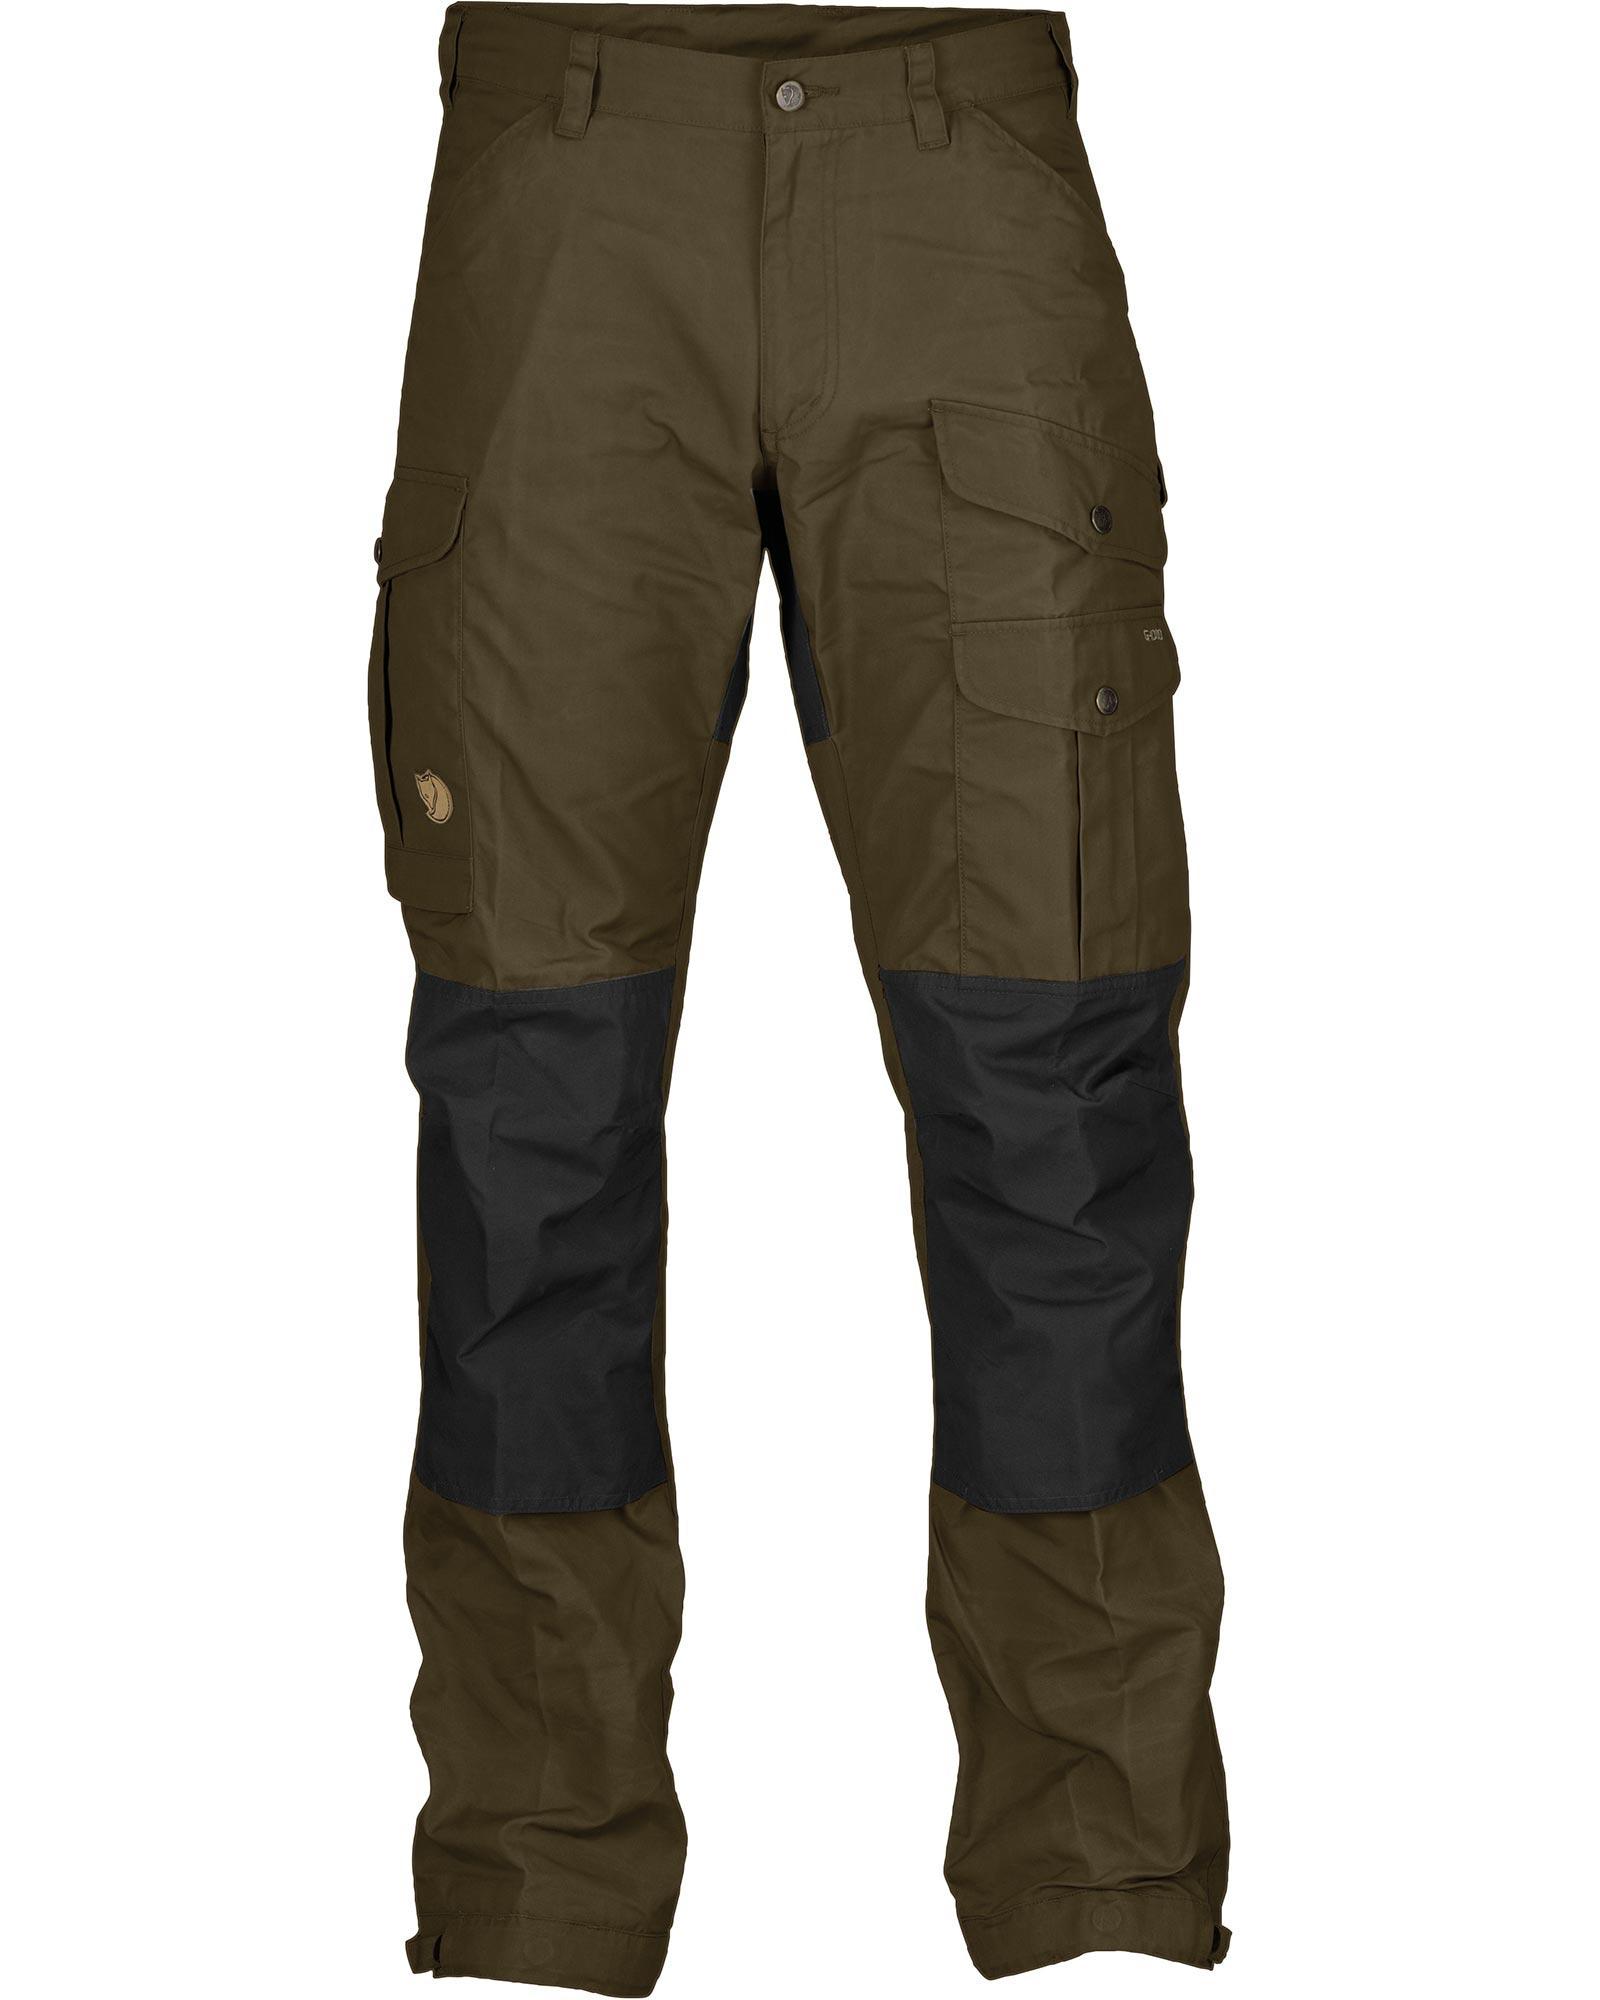 Fjallraven Vidda Pro G-1000 Men's Trousers 0